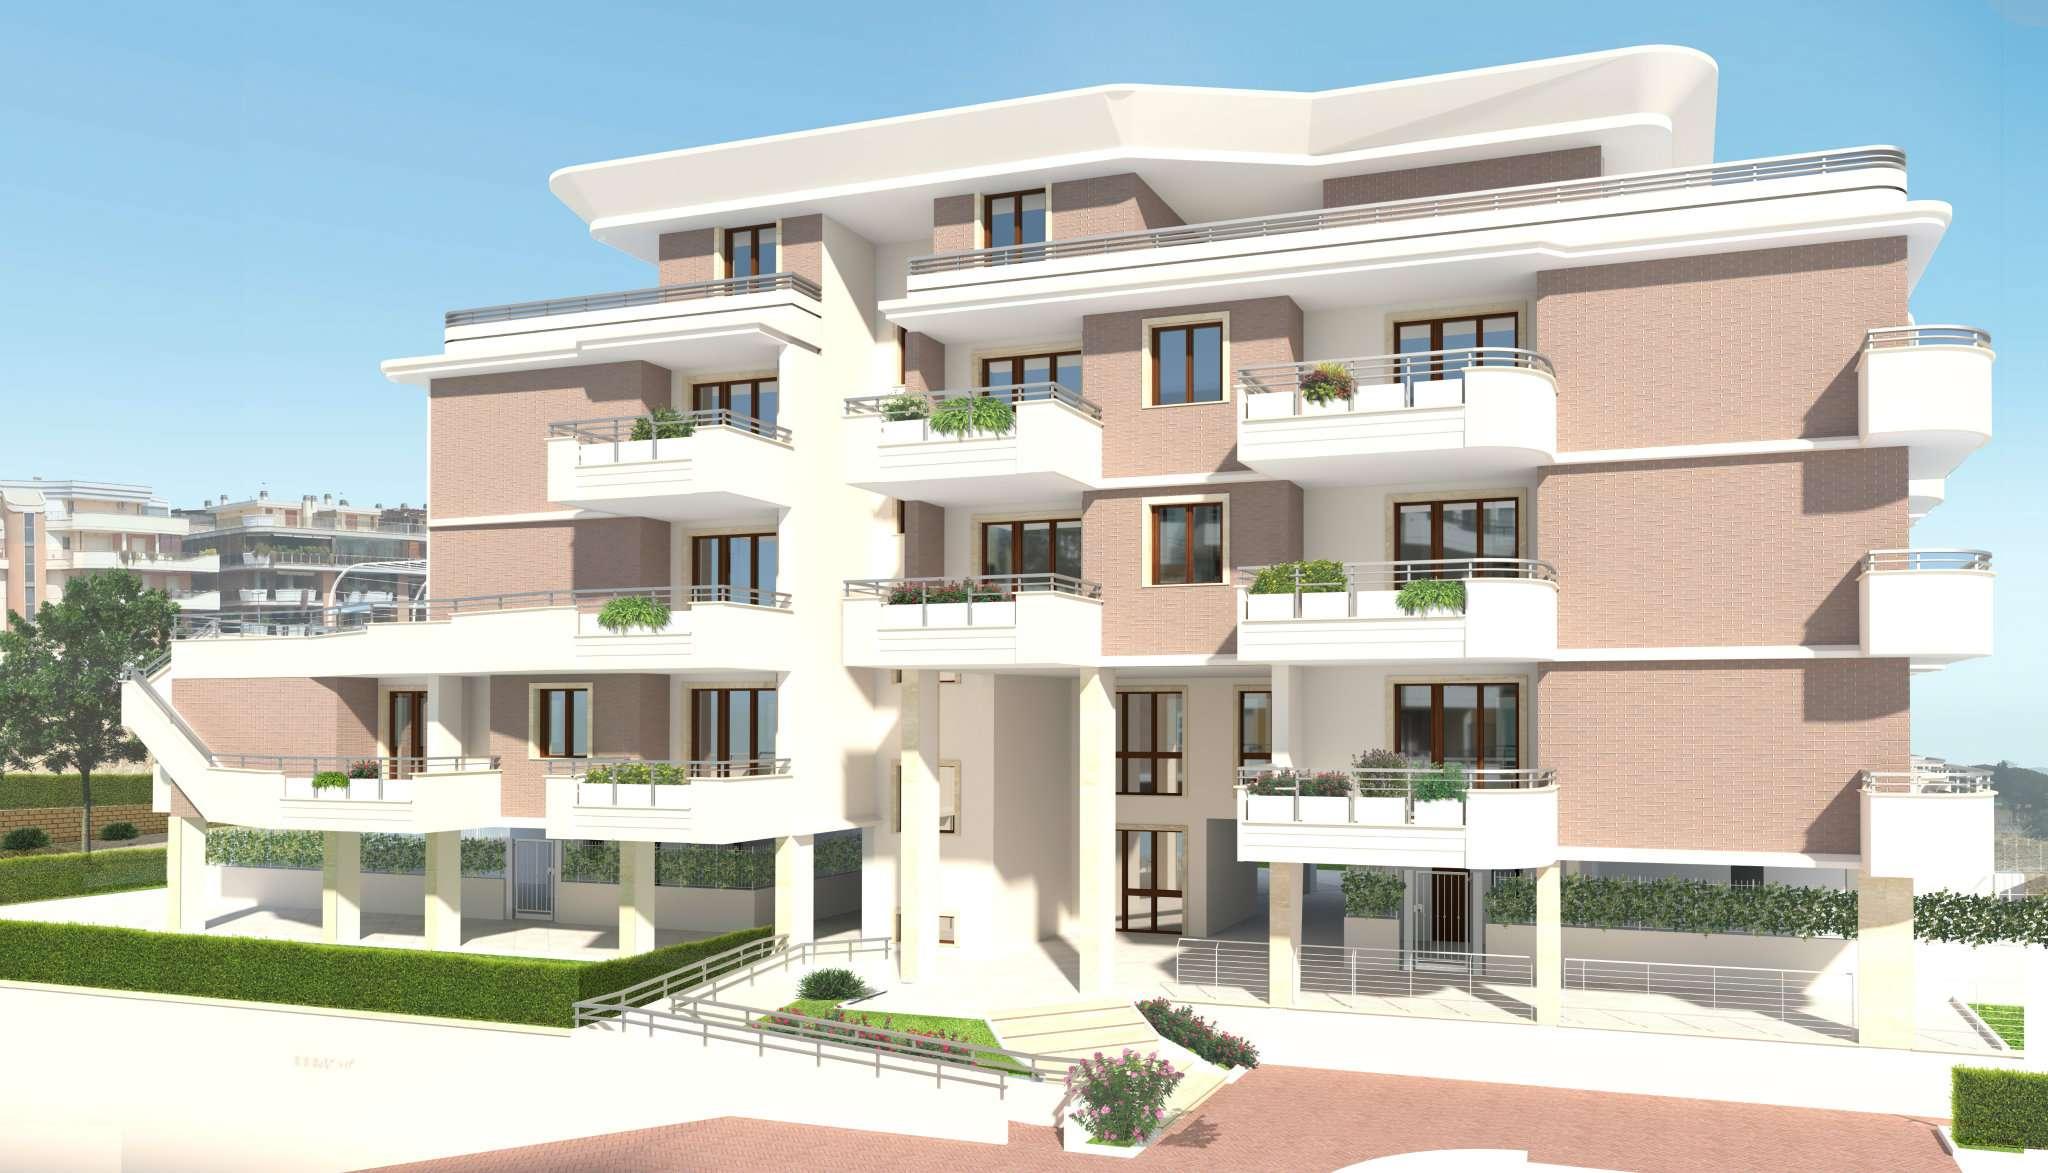 appartamenti in vendita a roma in zona mezzocammino cerca